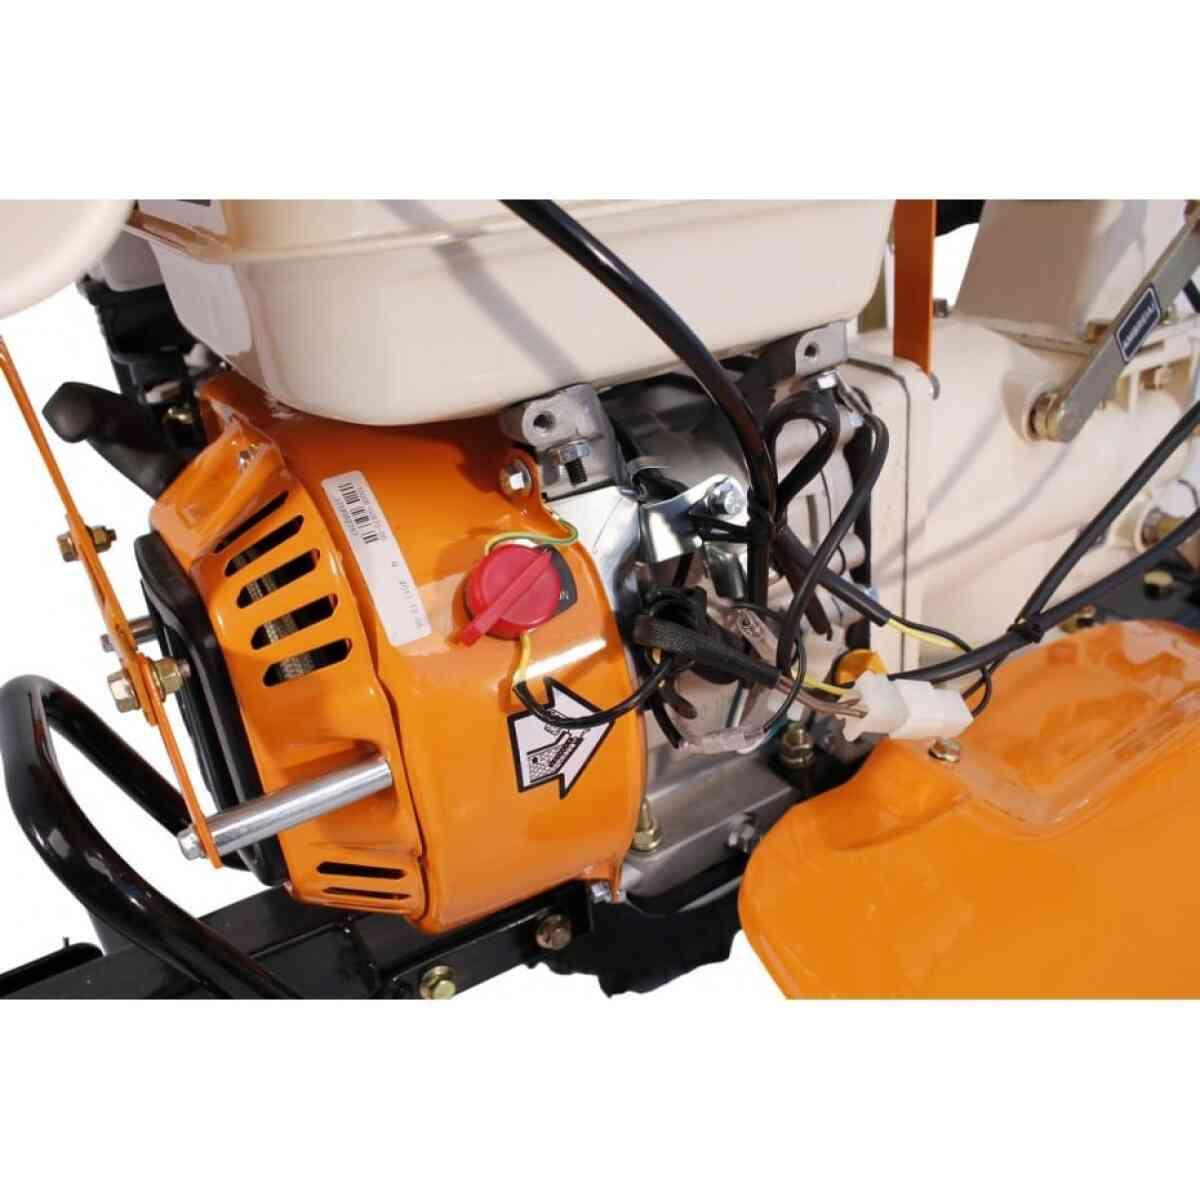 motocultor o mac new 1000 s 8cp cu roti o mac.ro 3 2 26